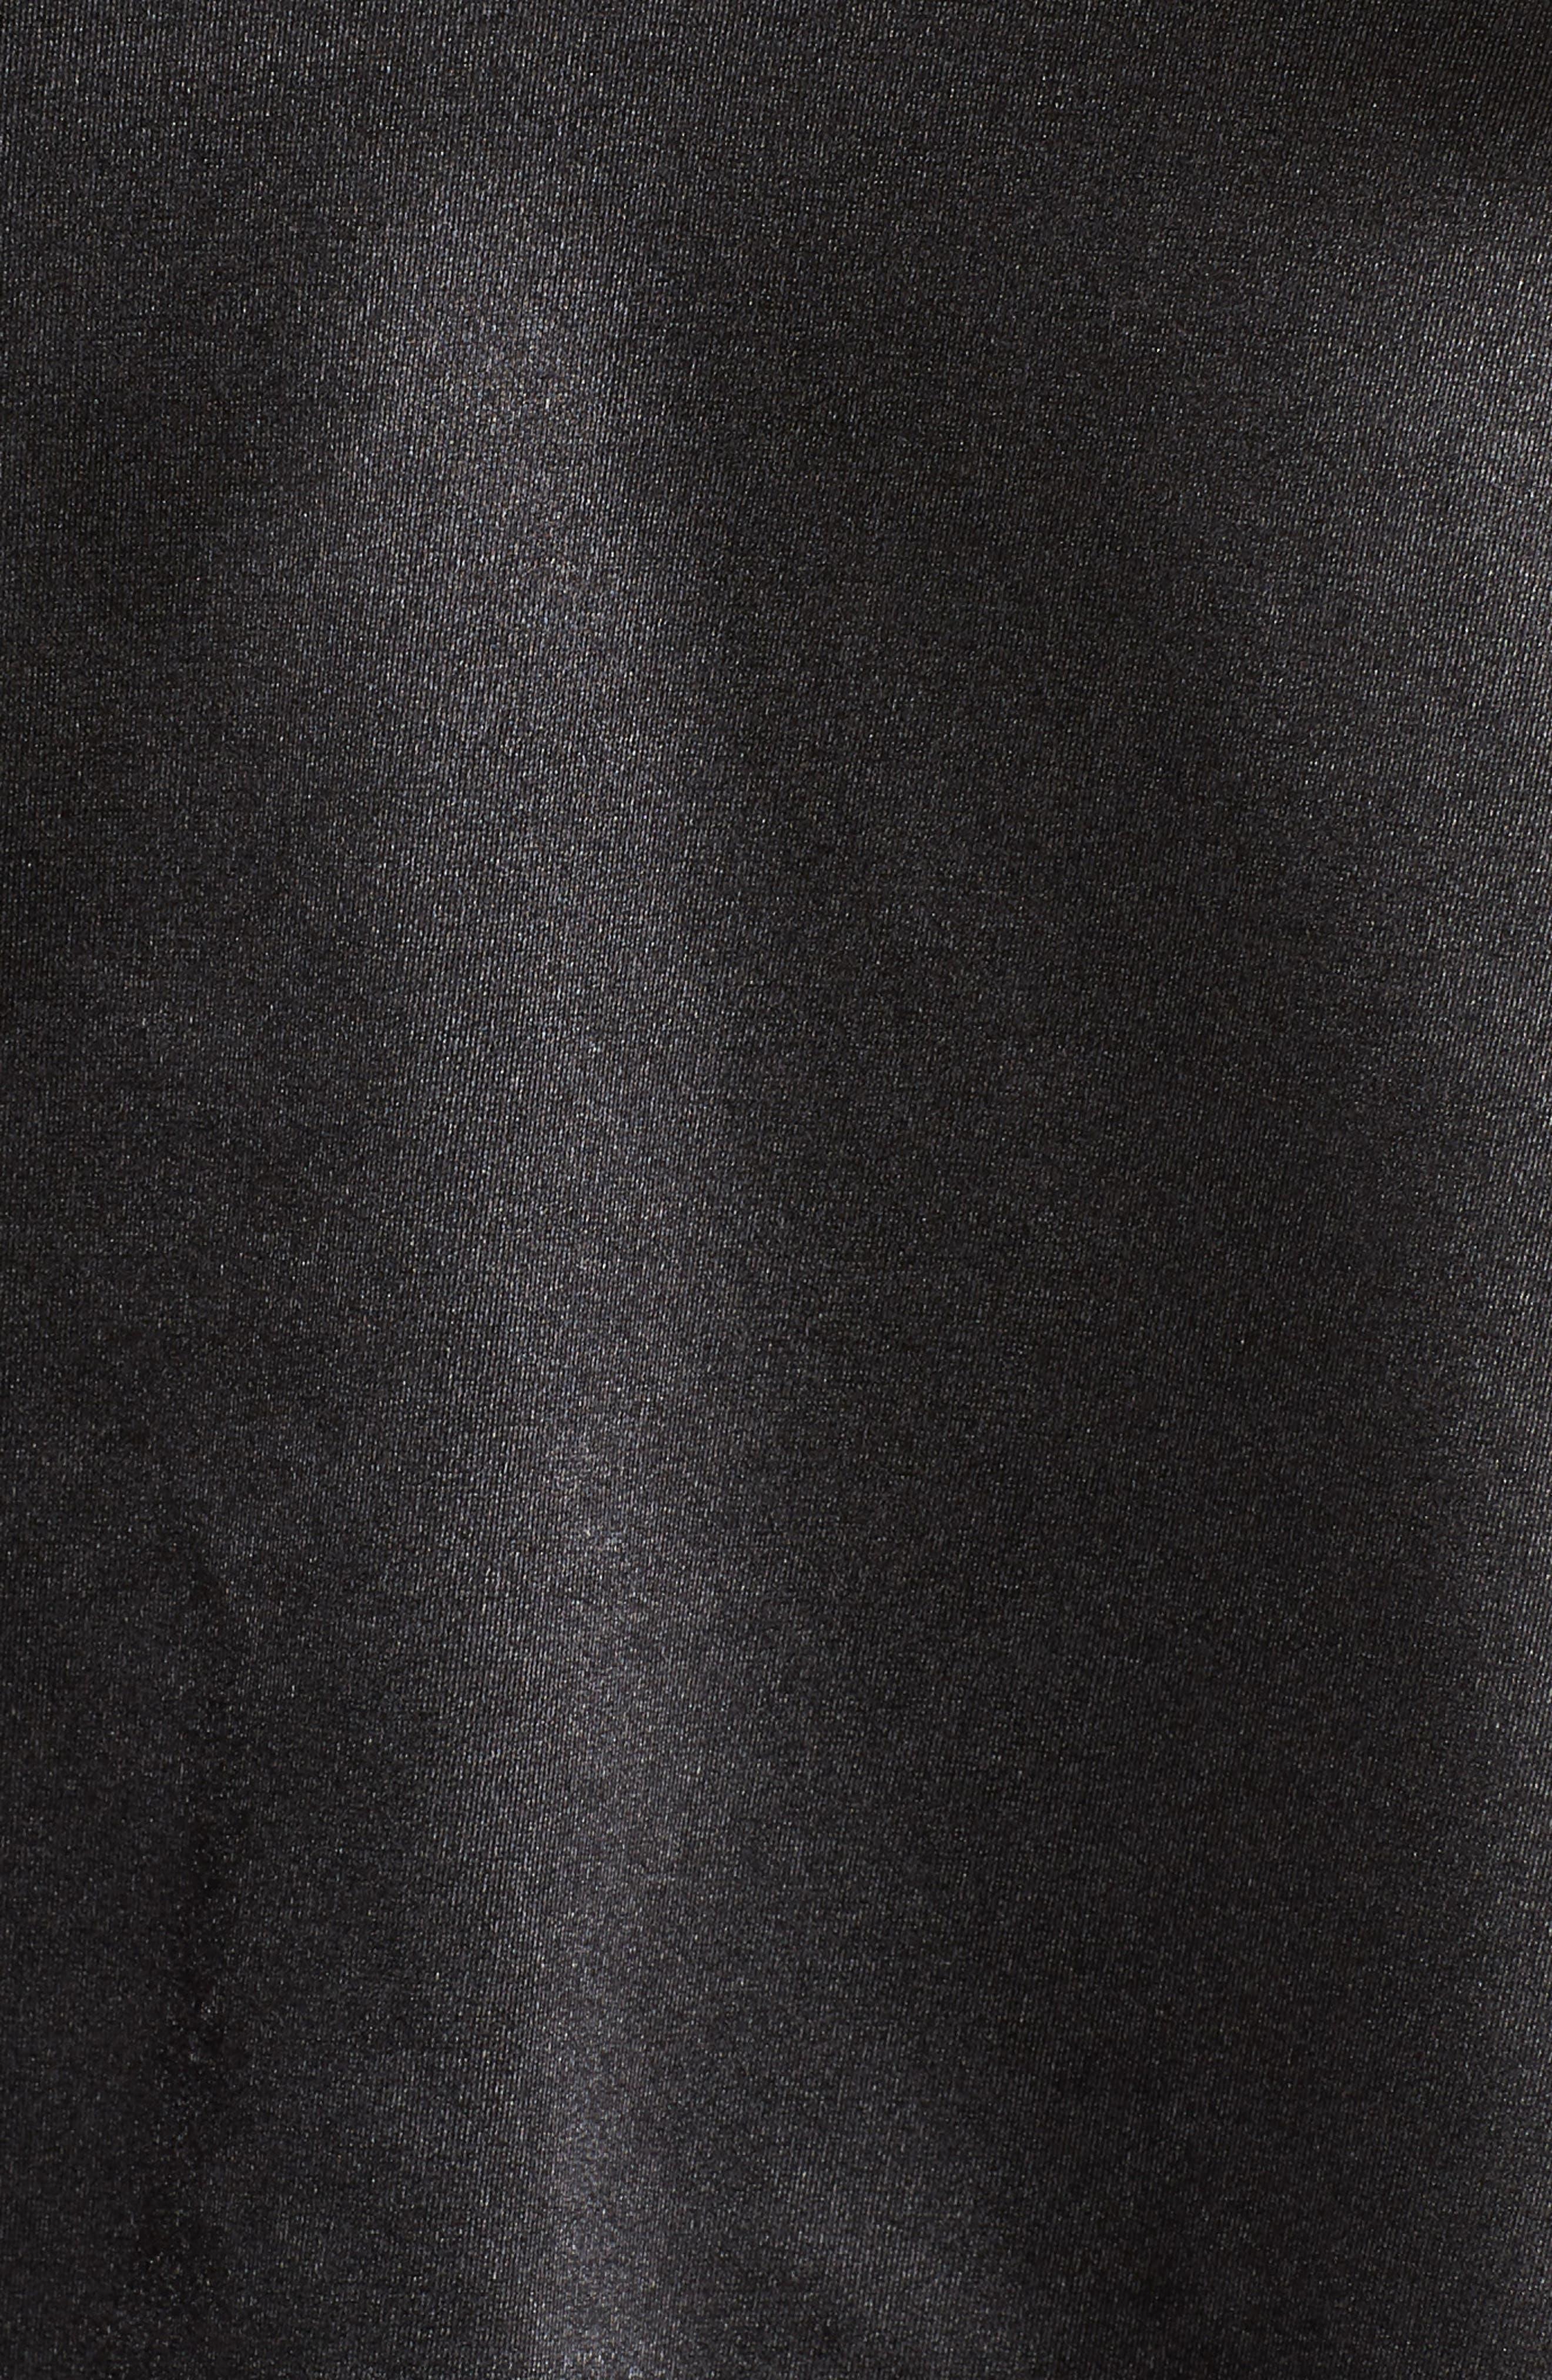 Lace Trim Camisole,                             Alternate thumbnail 5, color,                             BLACK